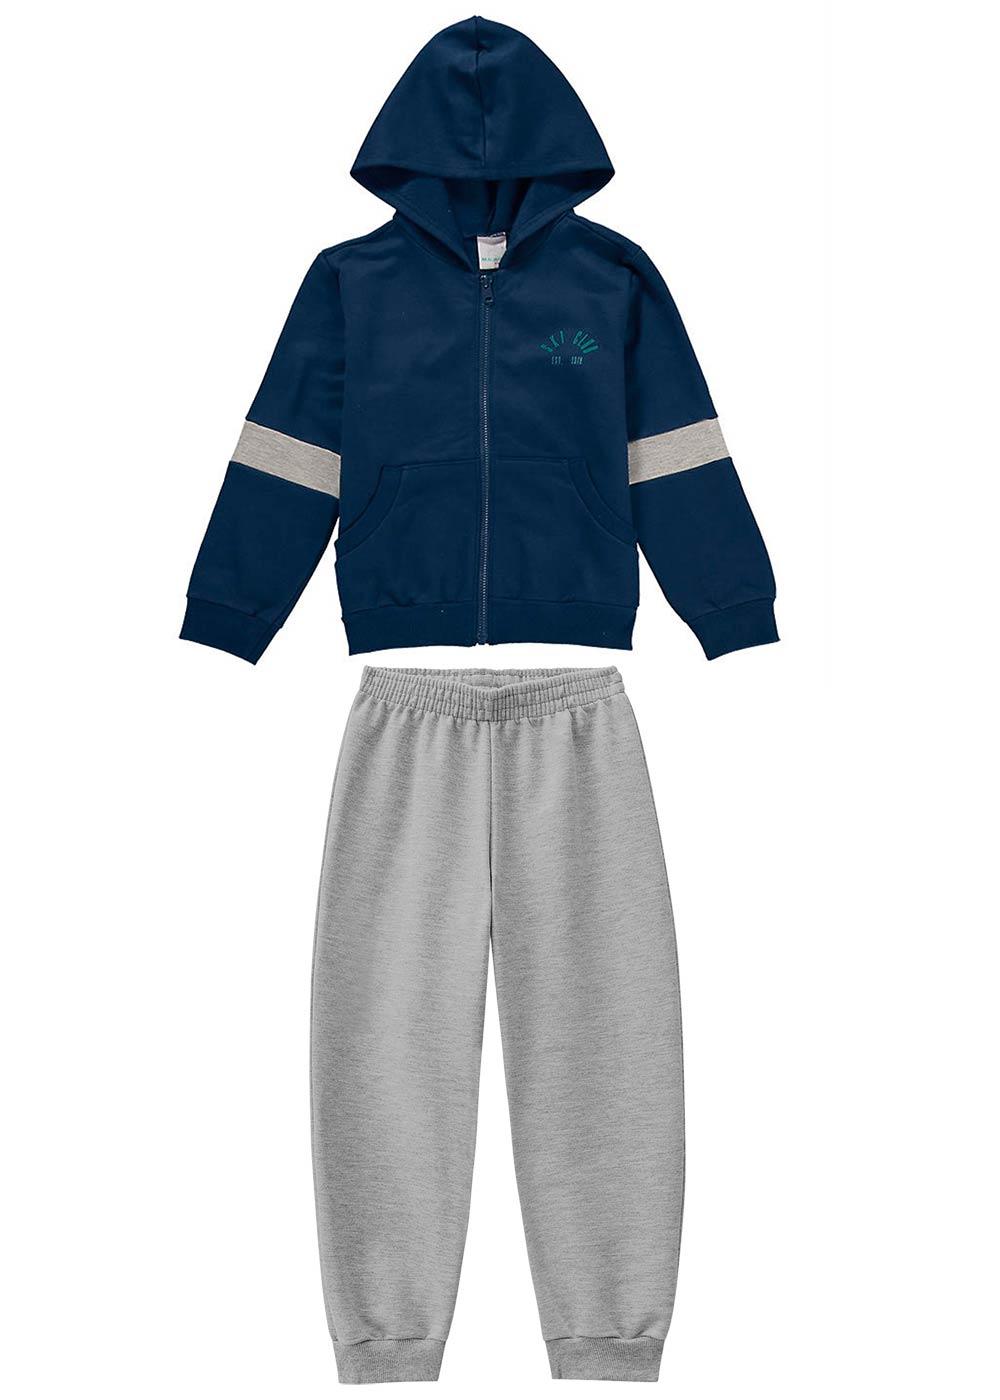 Conjunto Jaqueta e Calça Masculino Infantil Azul Malwee